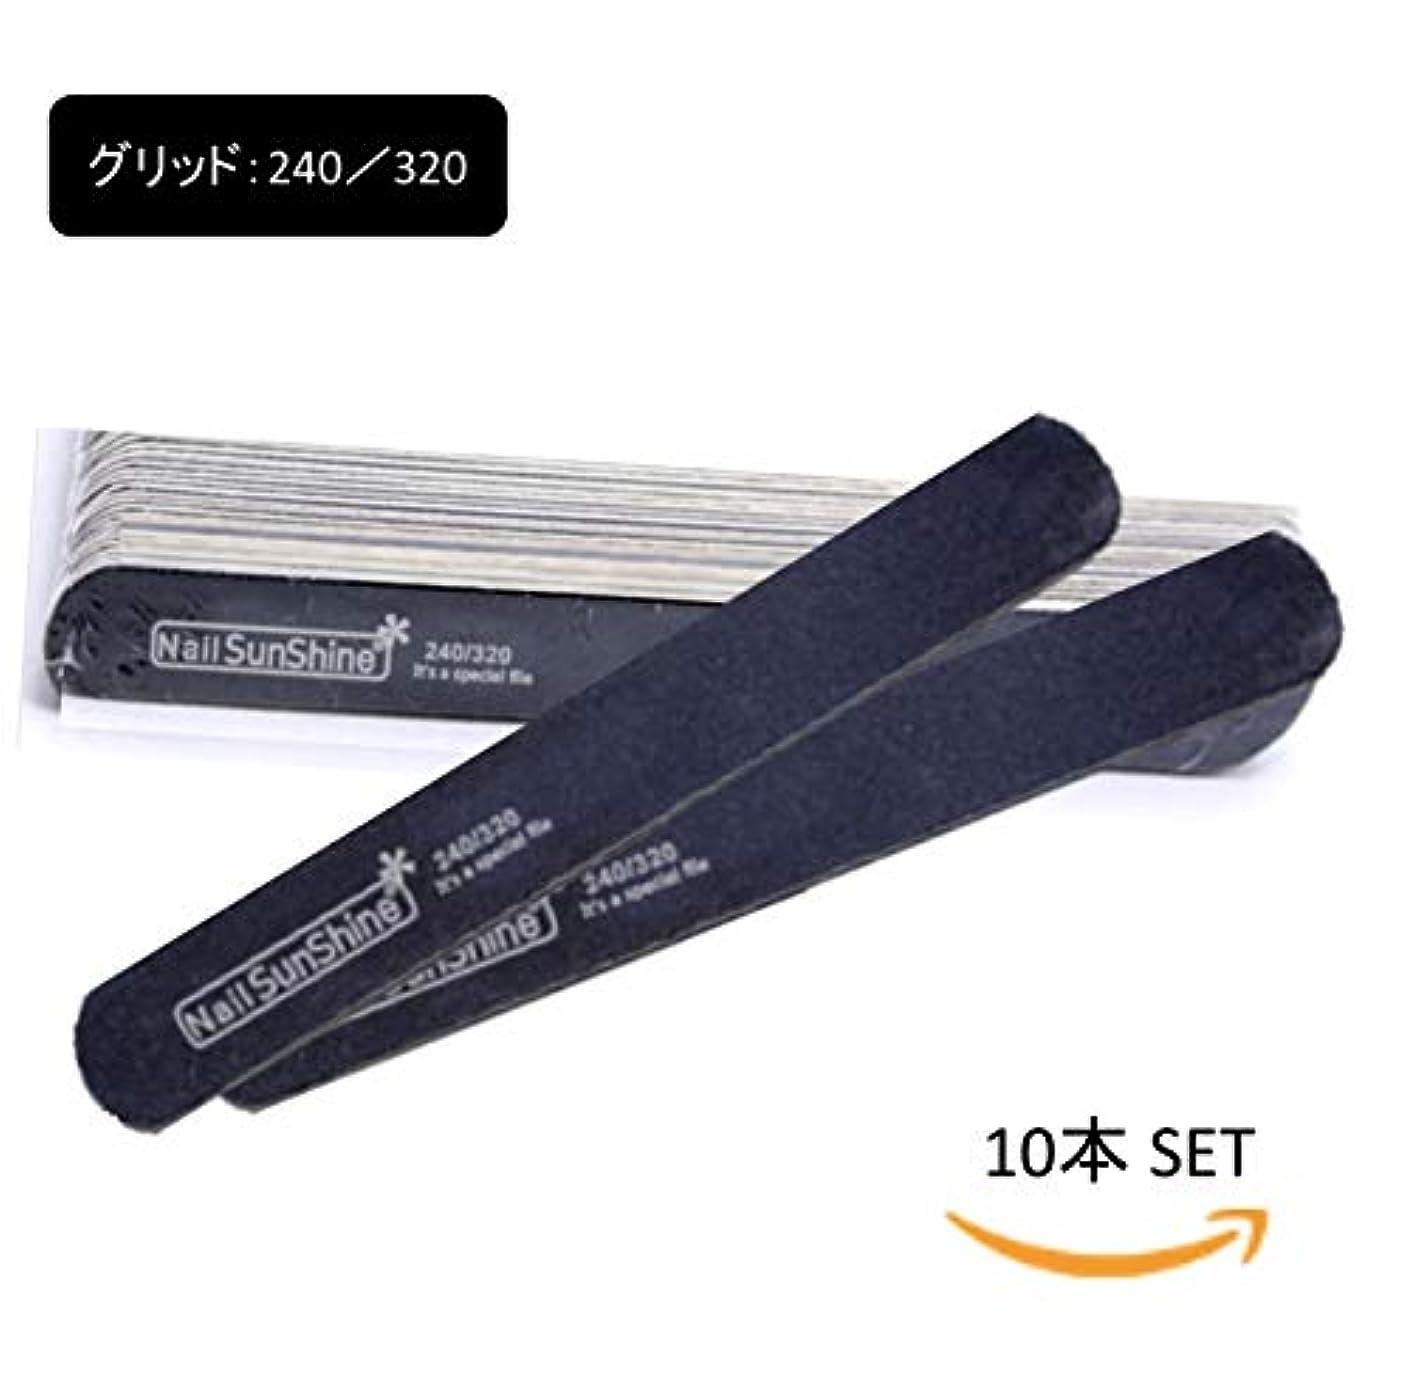 大危機補充BEATON JAPAN 爪やすり ネイルファイル エメリーボード アクリルファイル 100/150 180/240 240/320 10本セット ジェルオフ (240/320)